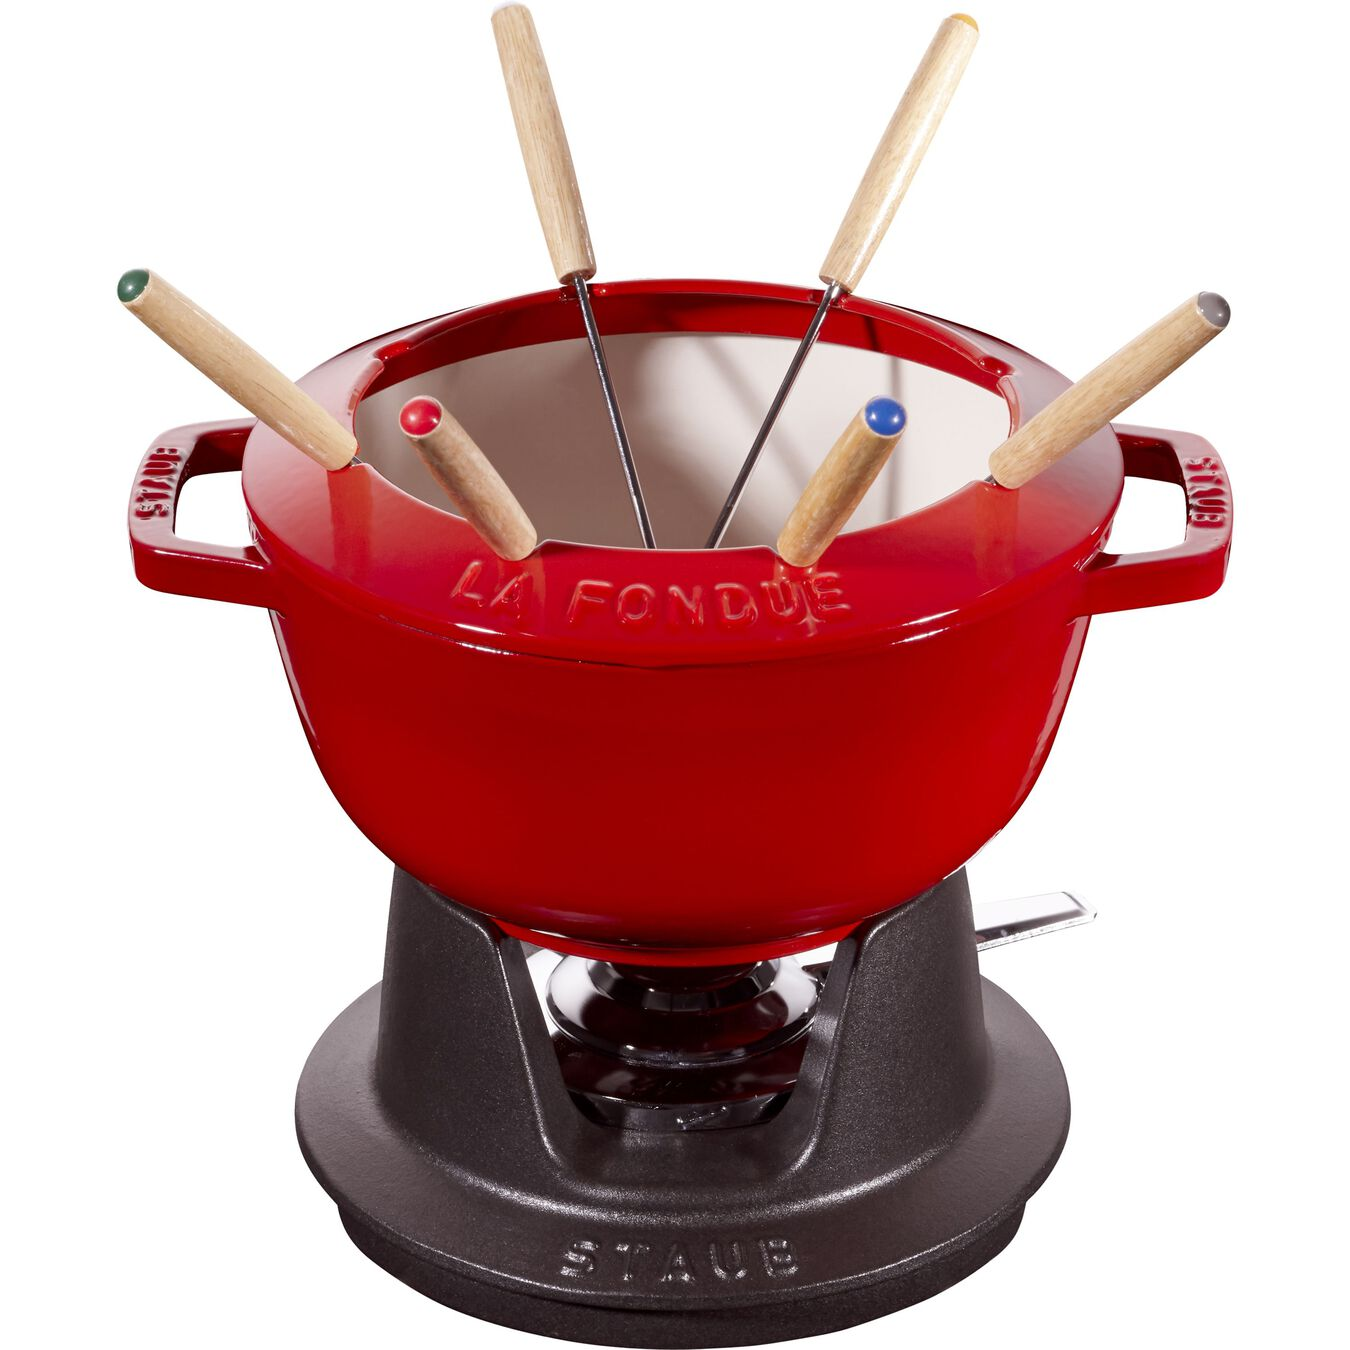 Conjunto para fondue 20 cm, Vermelho cereja,,large 1